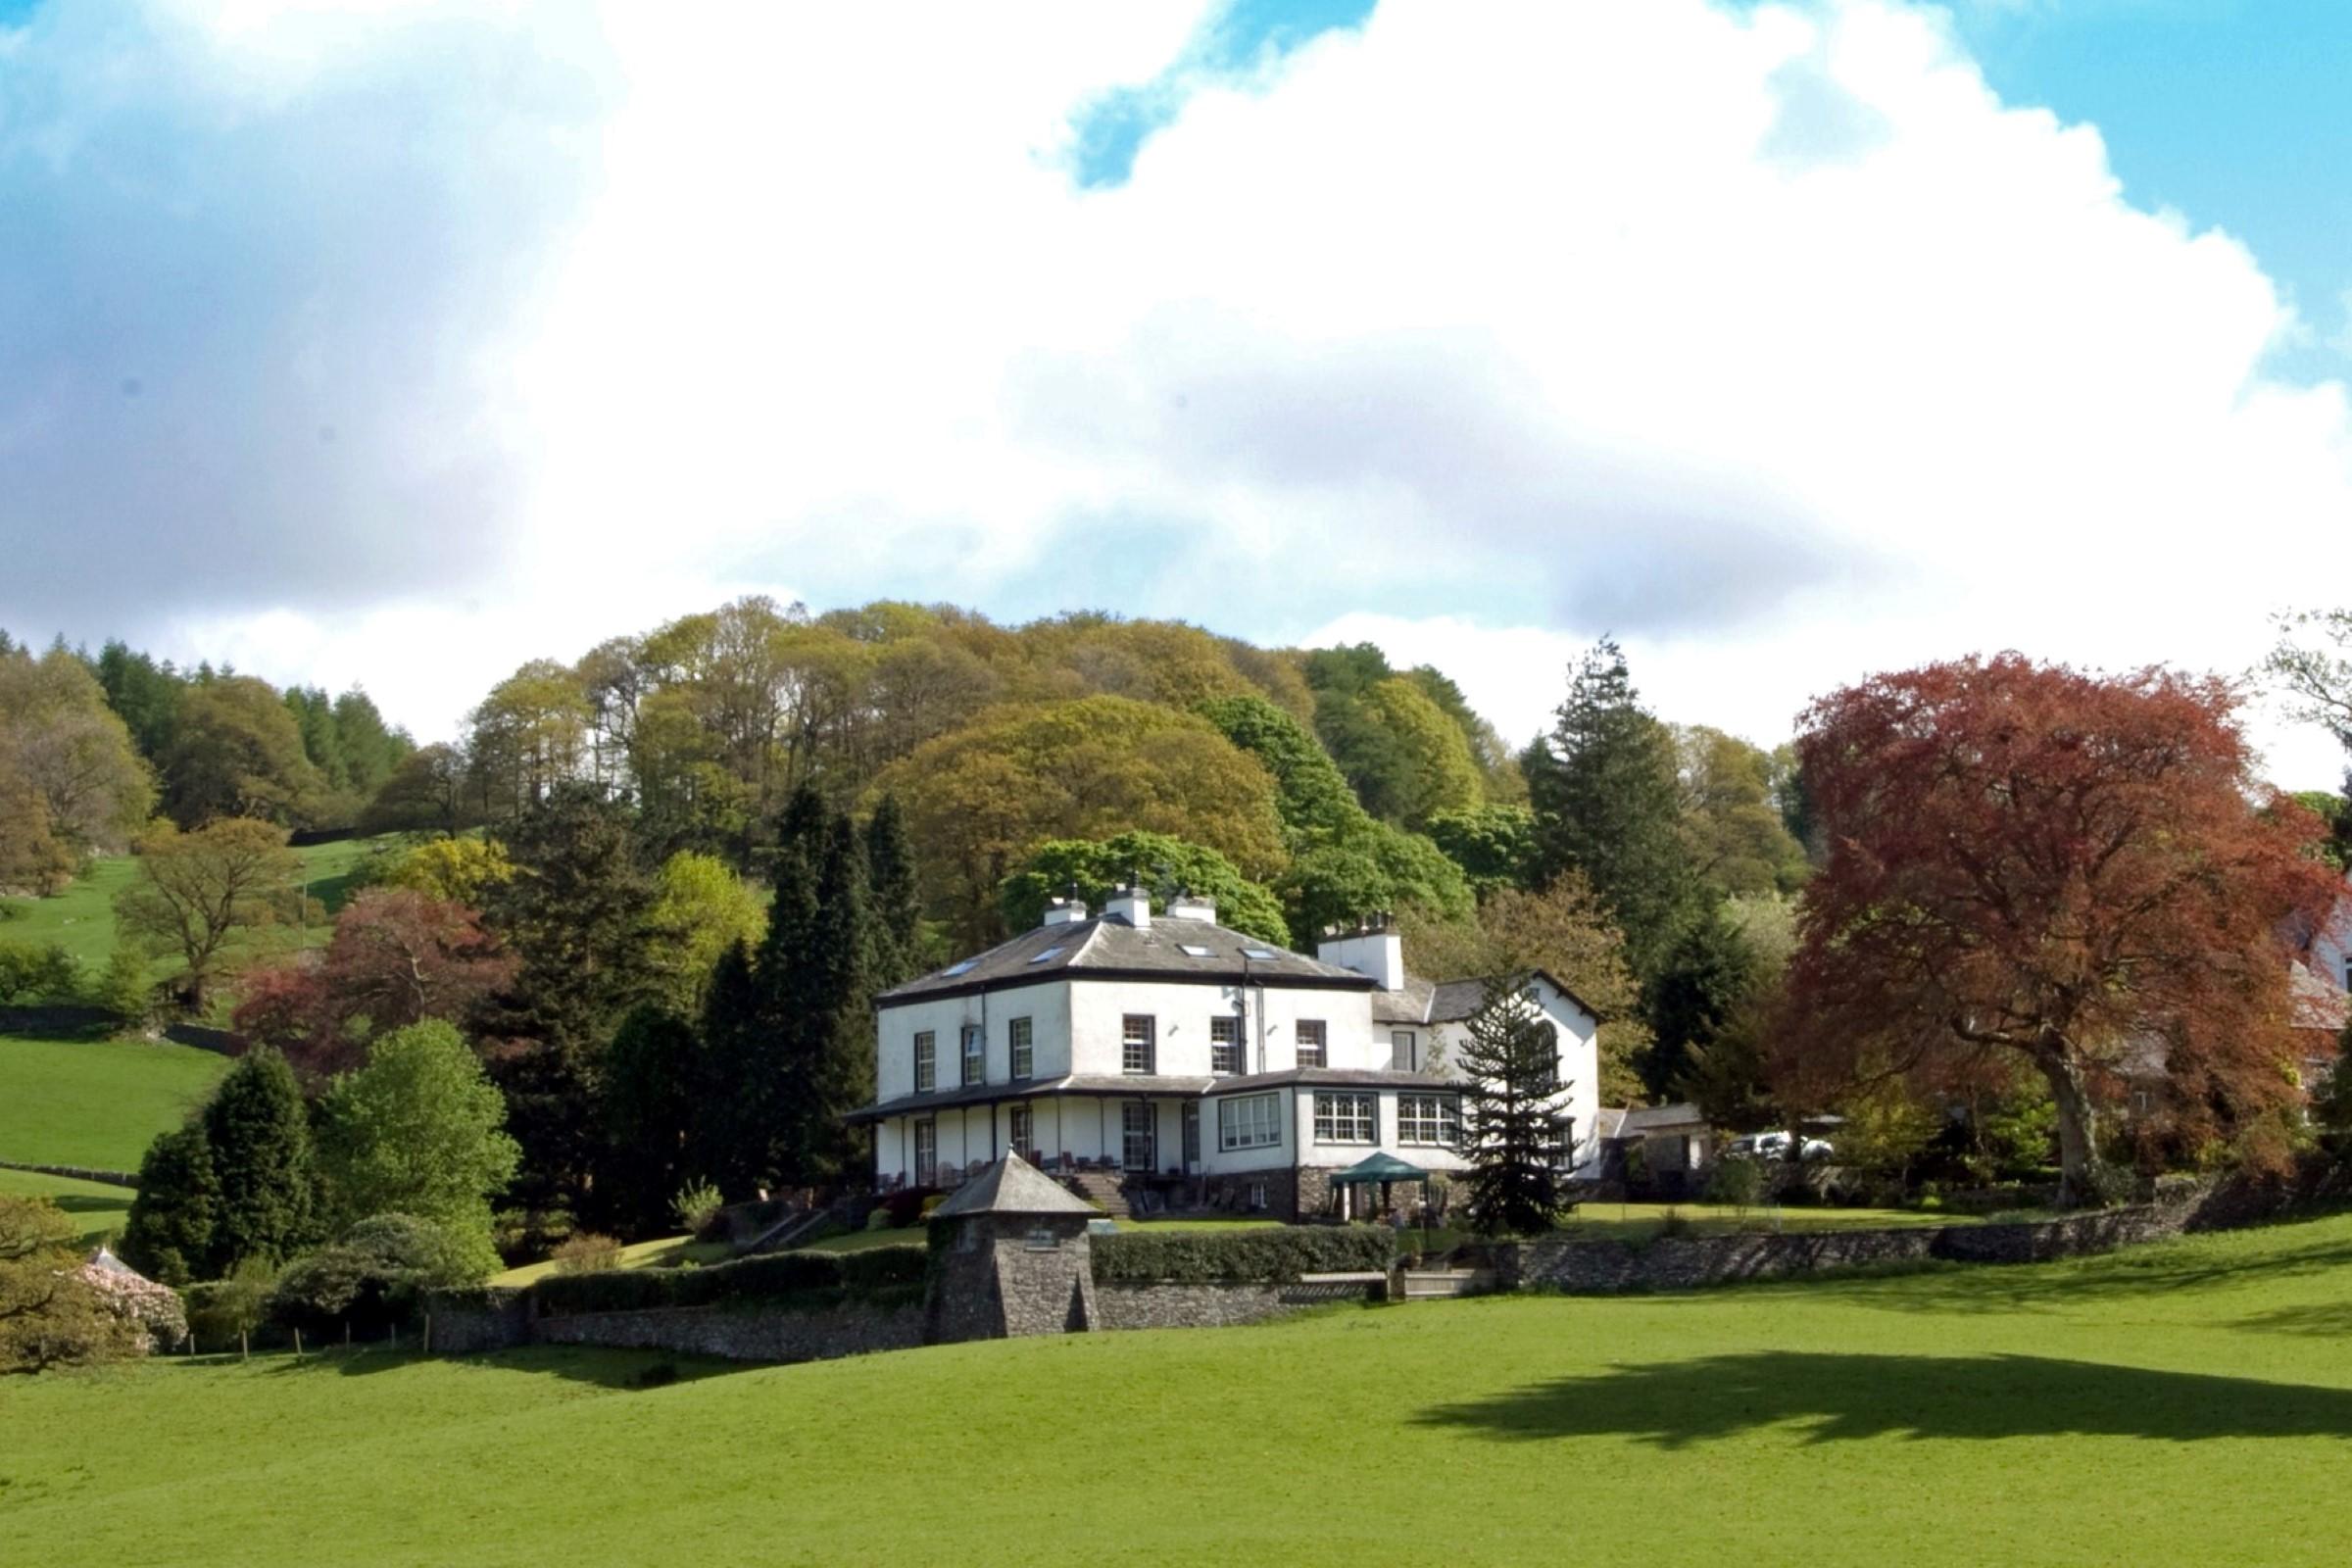 一戸建て のために 売買 アット Lake District Hawkshead Ambleside Lake District, イギリス, LA220JZ イギリス